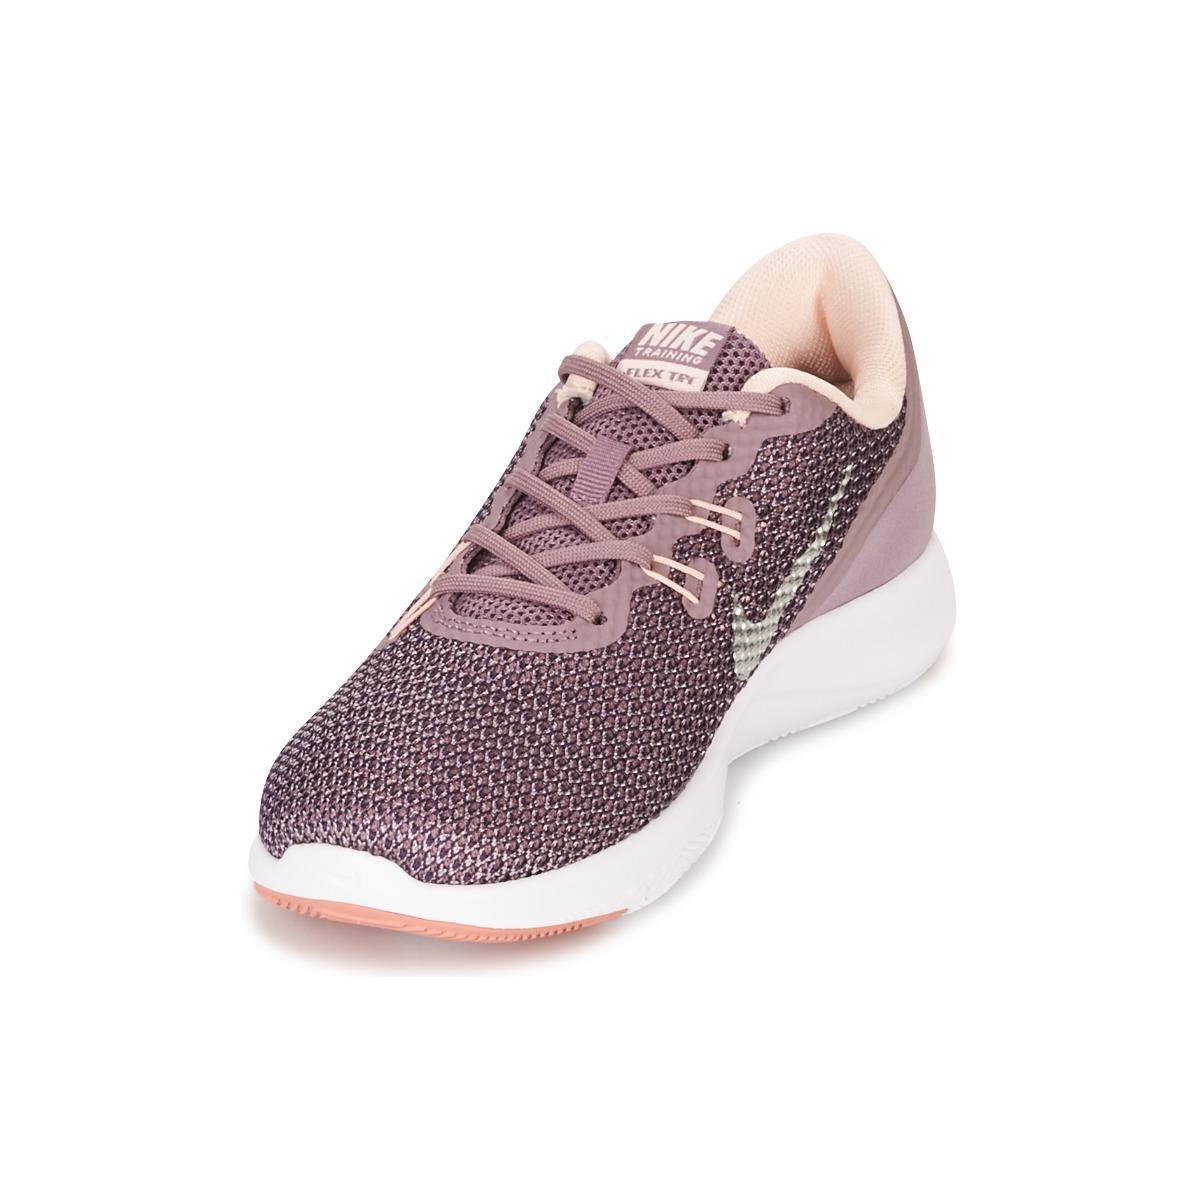 a349adee7dd Nike Flex Trainer 7 Bionic W Women s Trainers In Purple in Purple - Lyst